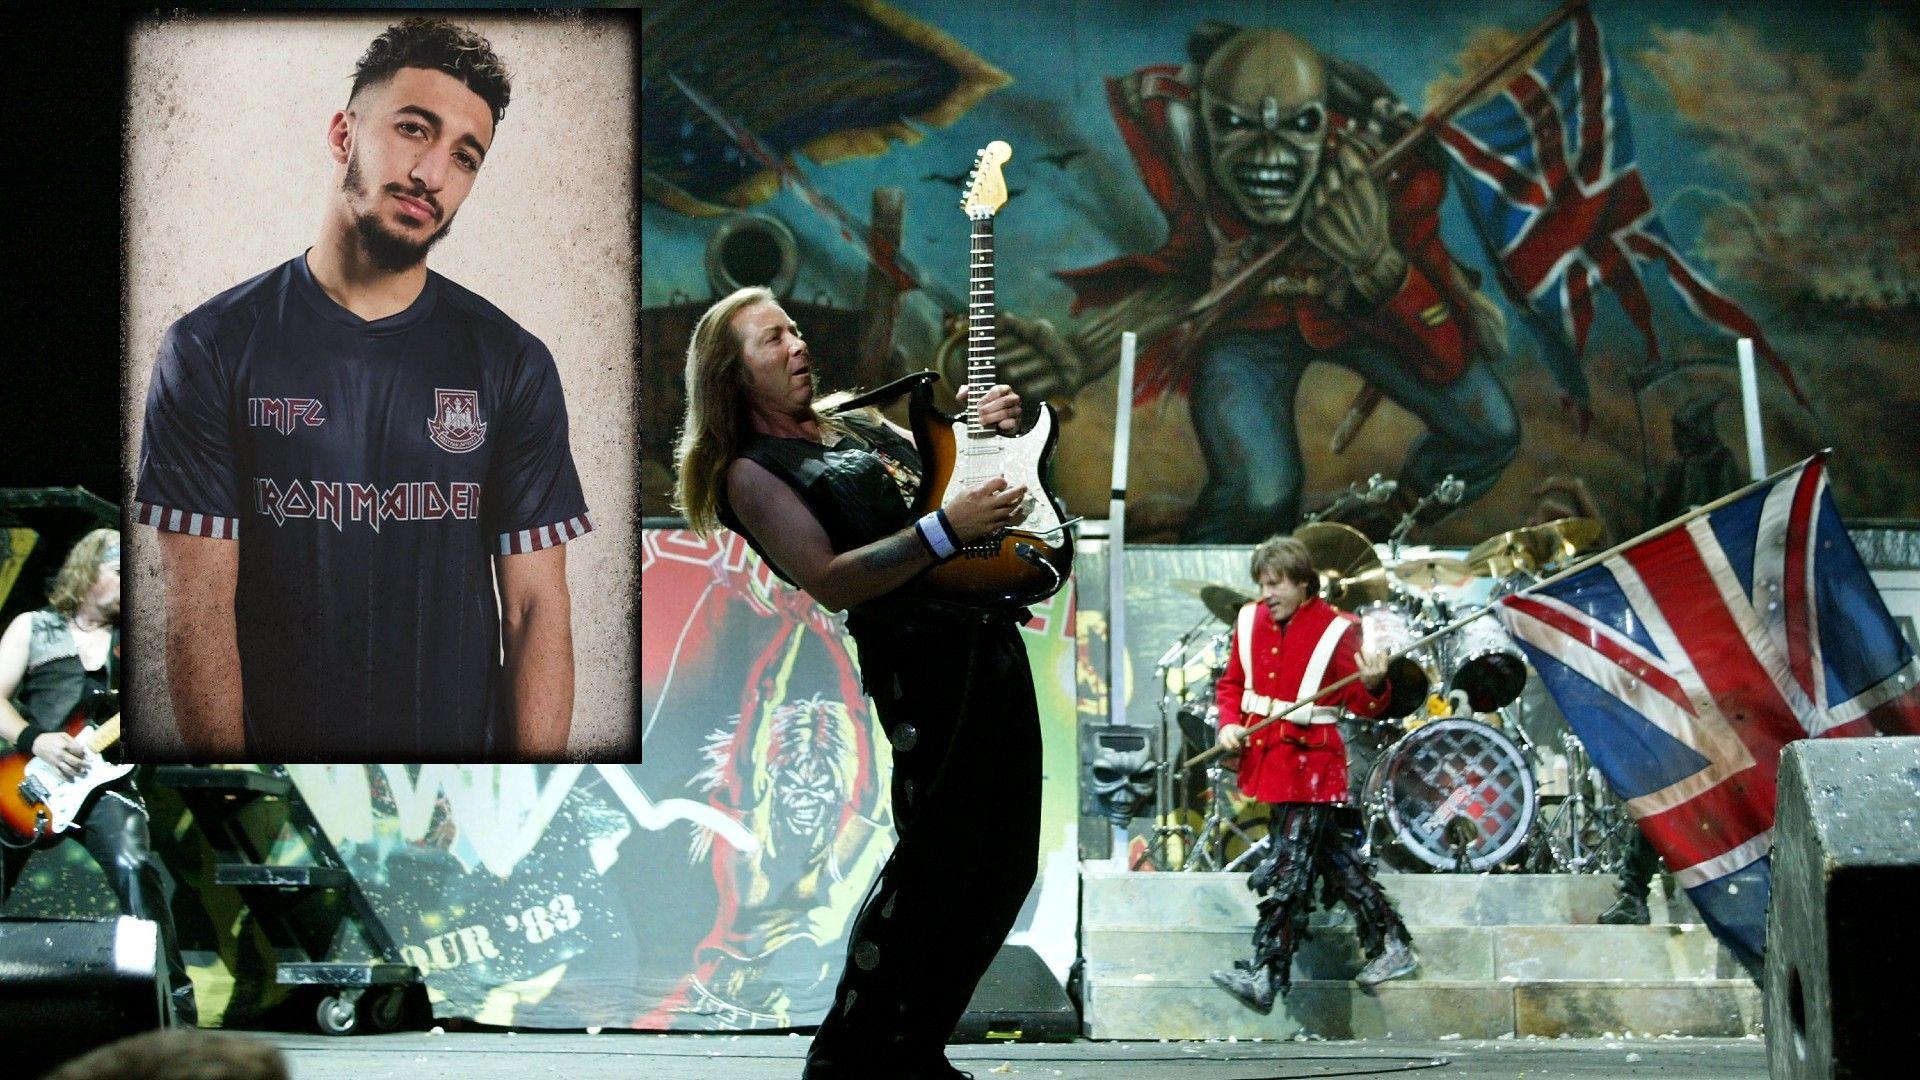 Култово партньорство - Уест Хем сложи на екипа името на една от най-великите метъл банди